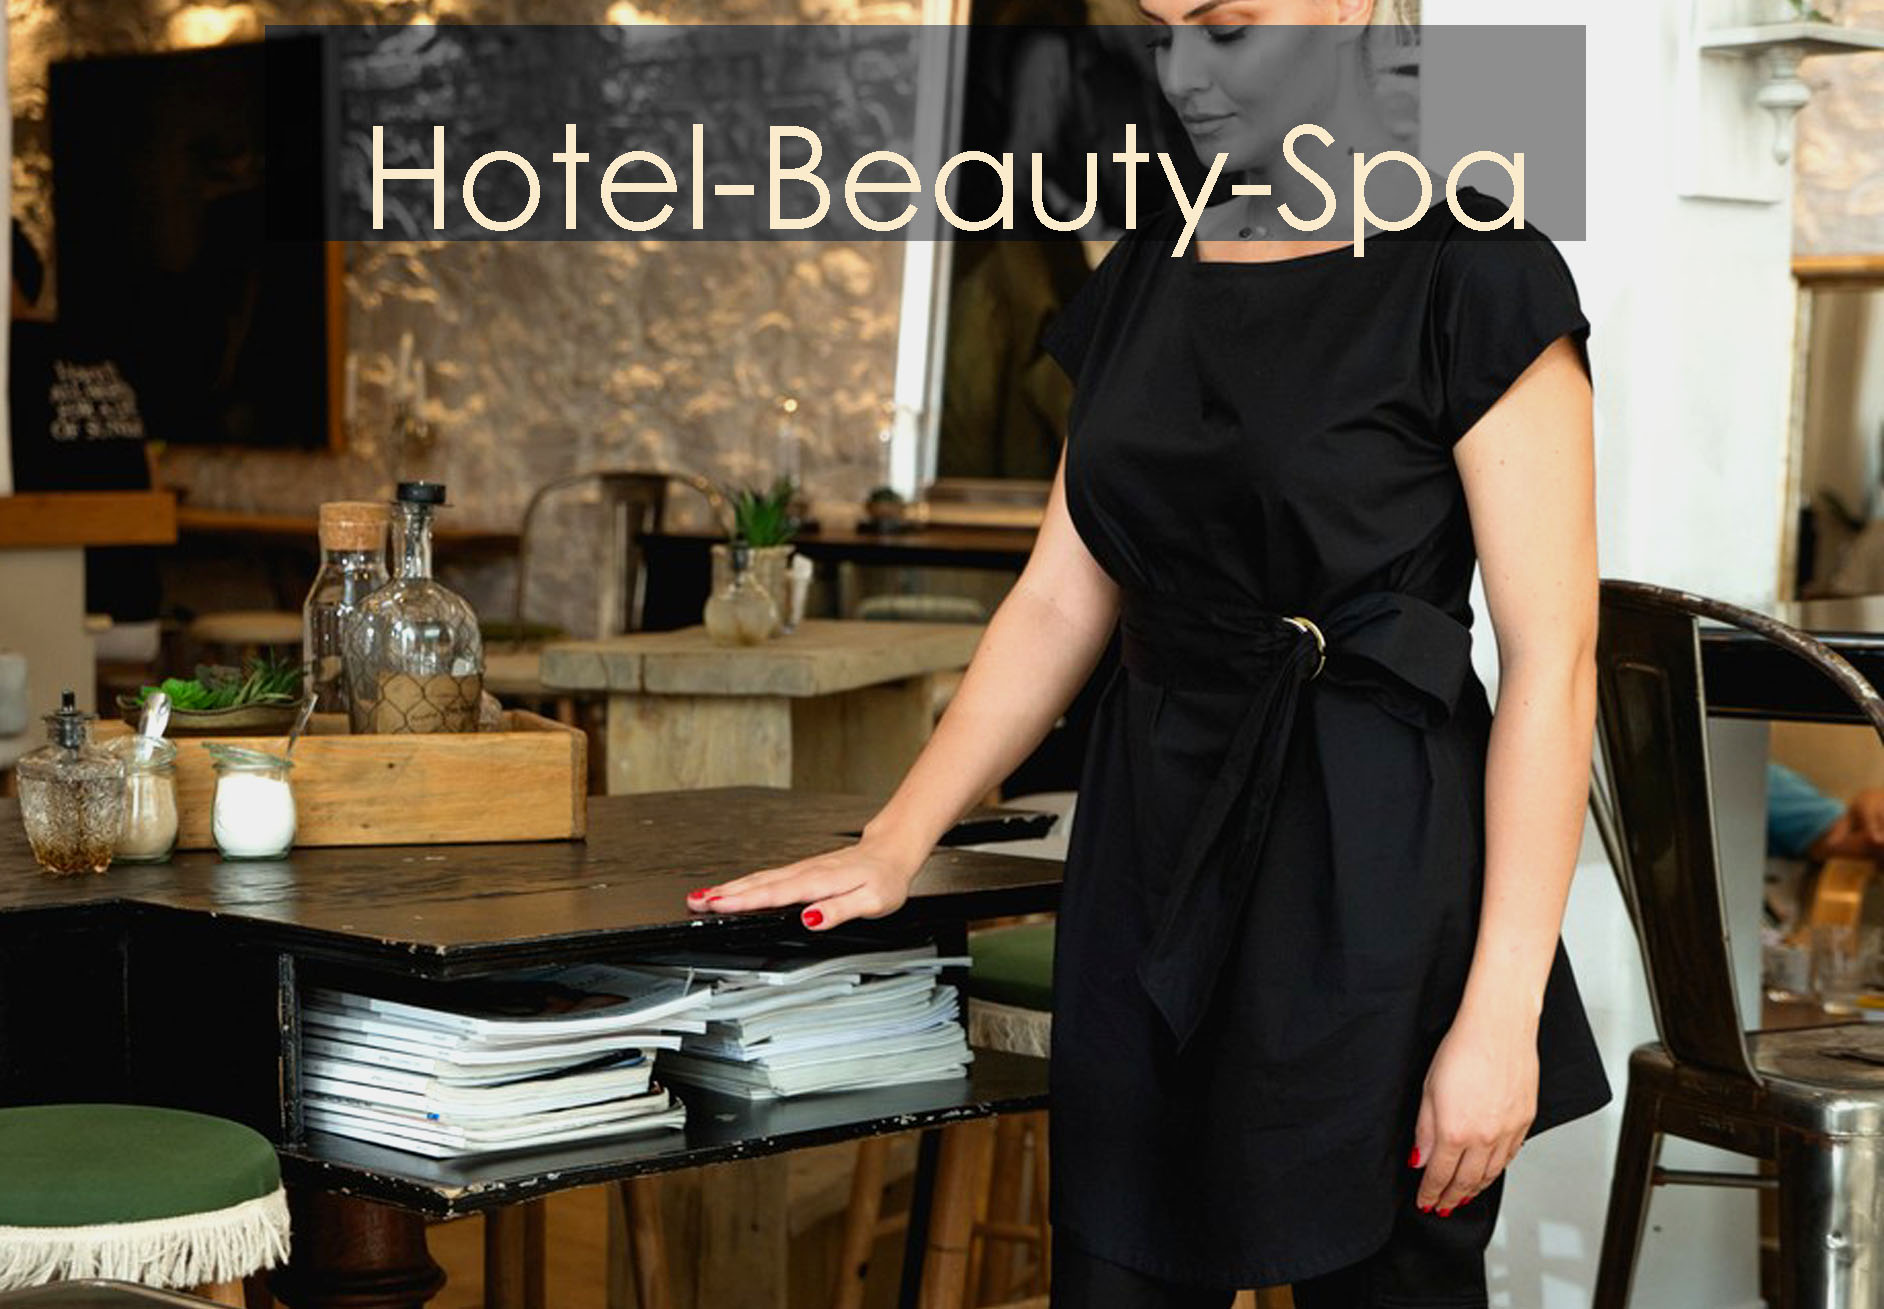 Hotel-Beauty-Spa